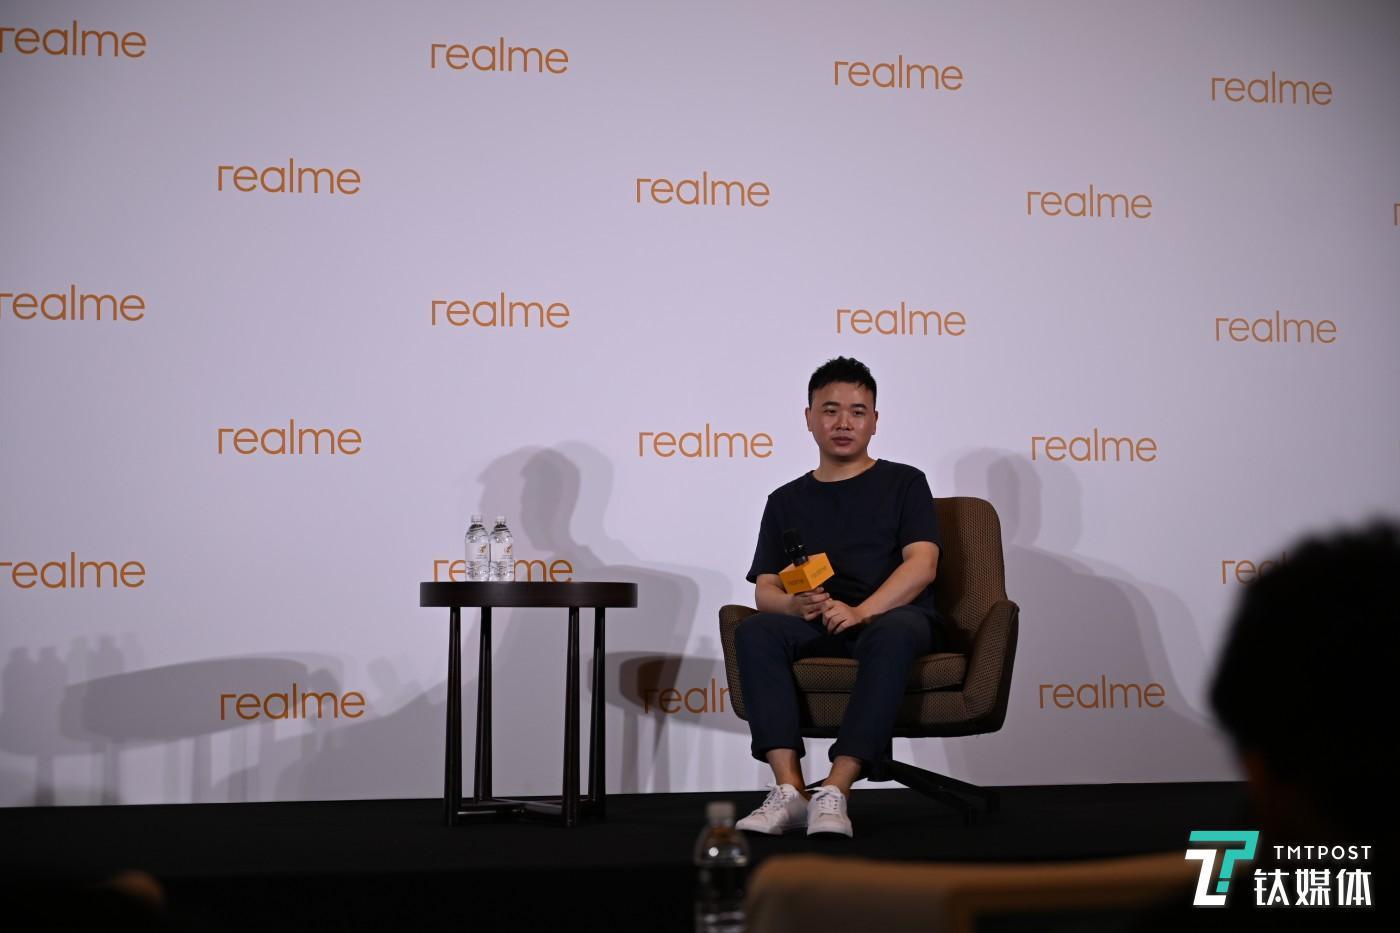 realme 产品总监王伟